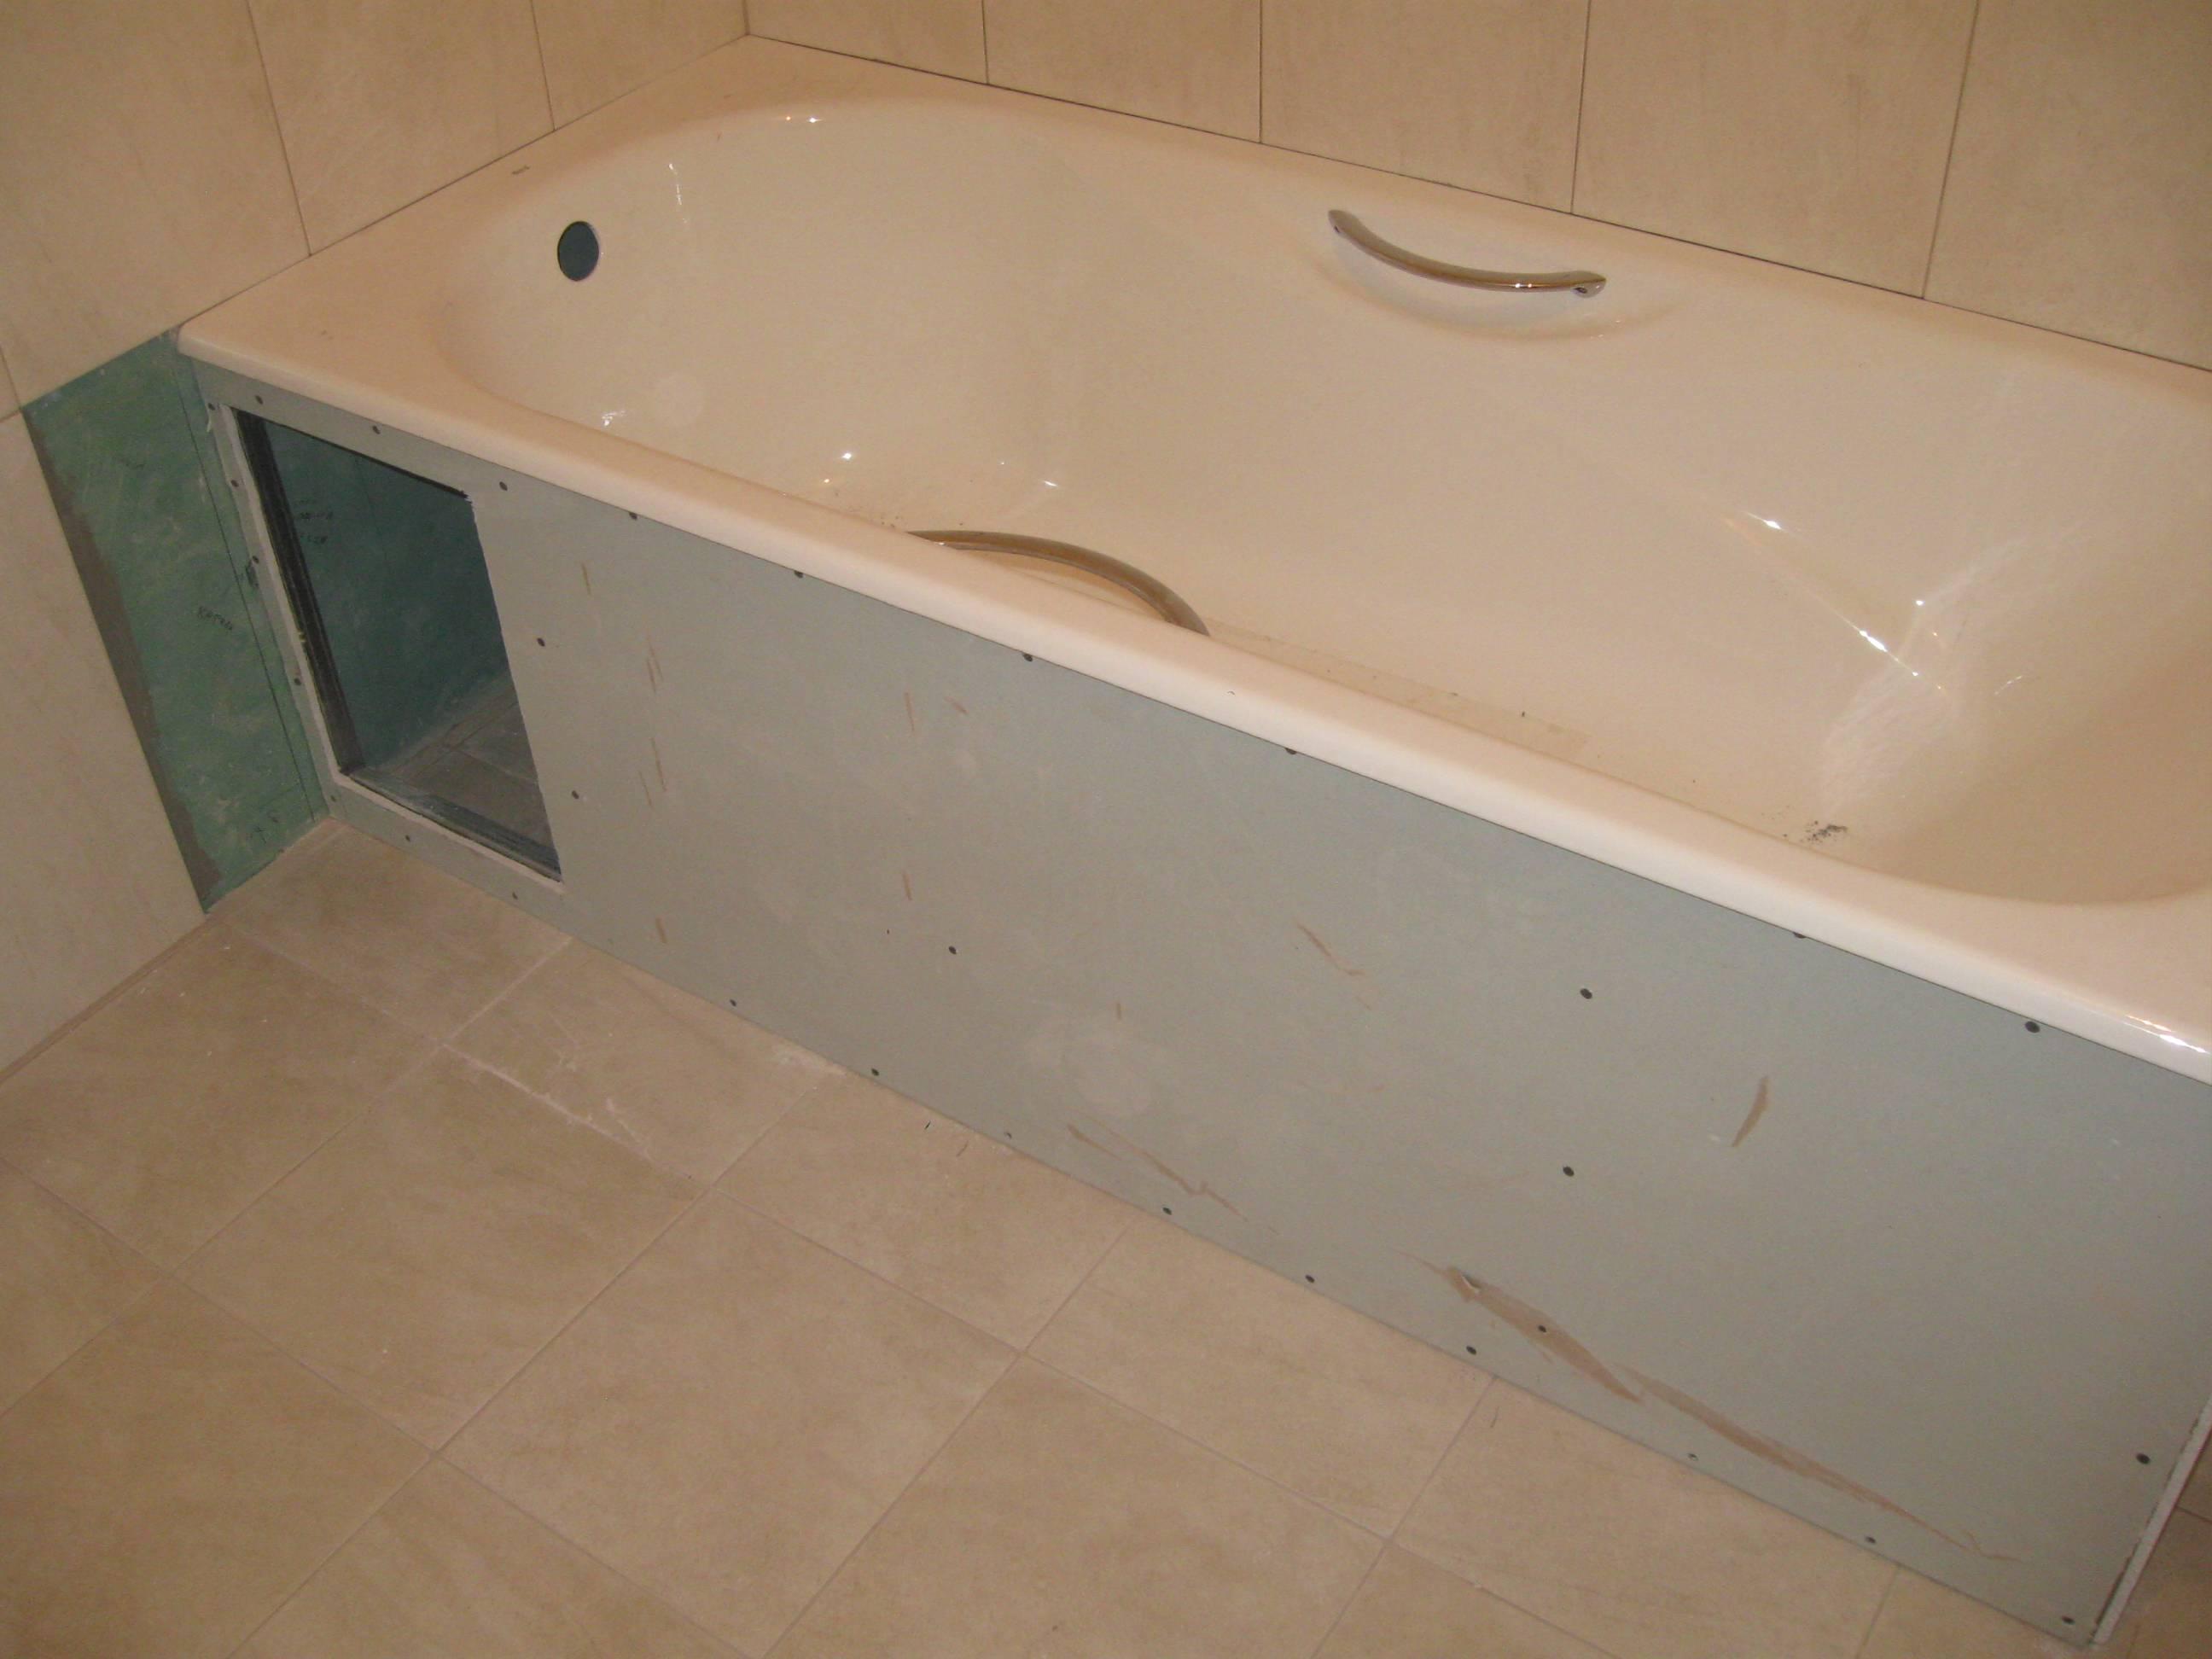 Установка экрана под ванну: особенности монтажа разных вариантов конструкции